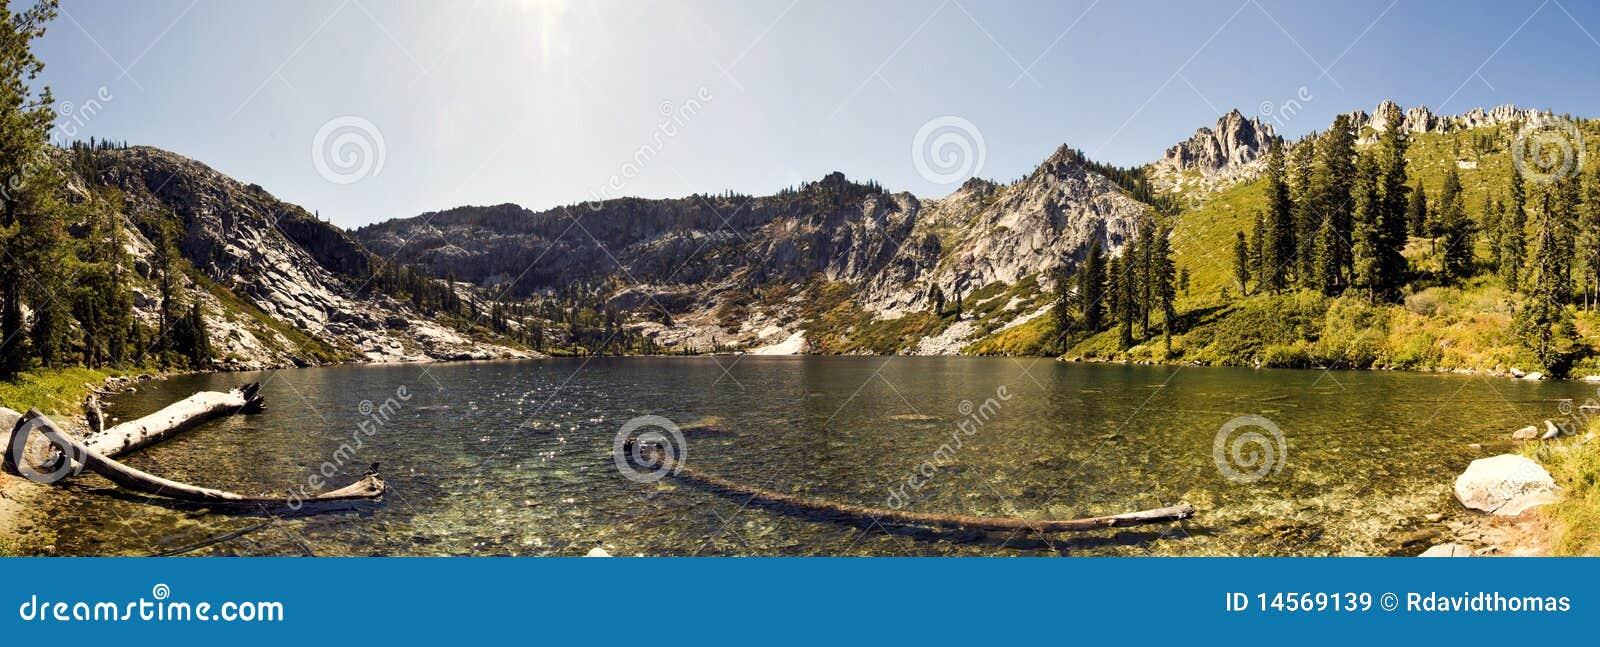 Stor lake för björn